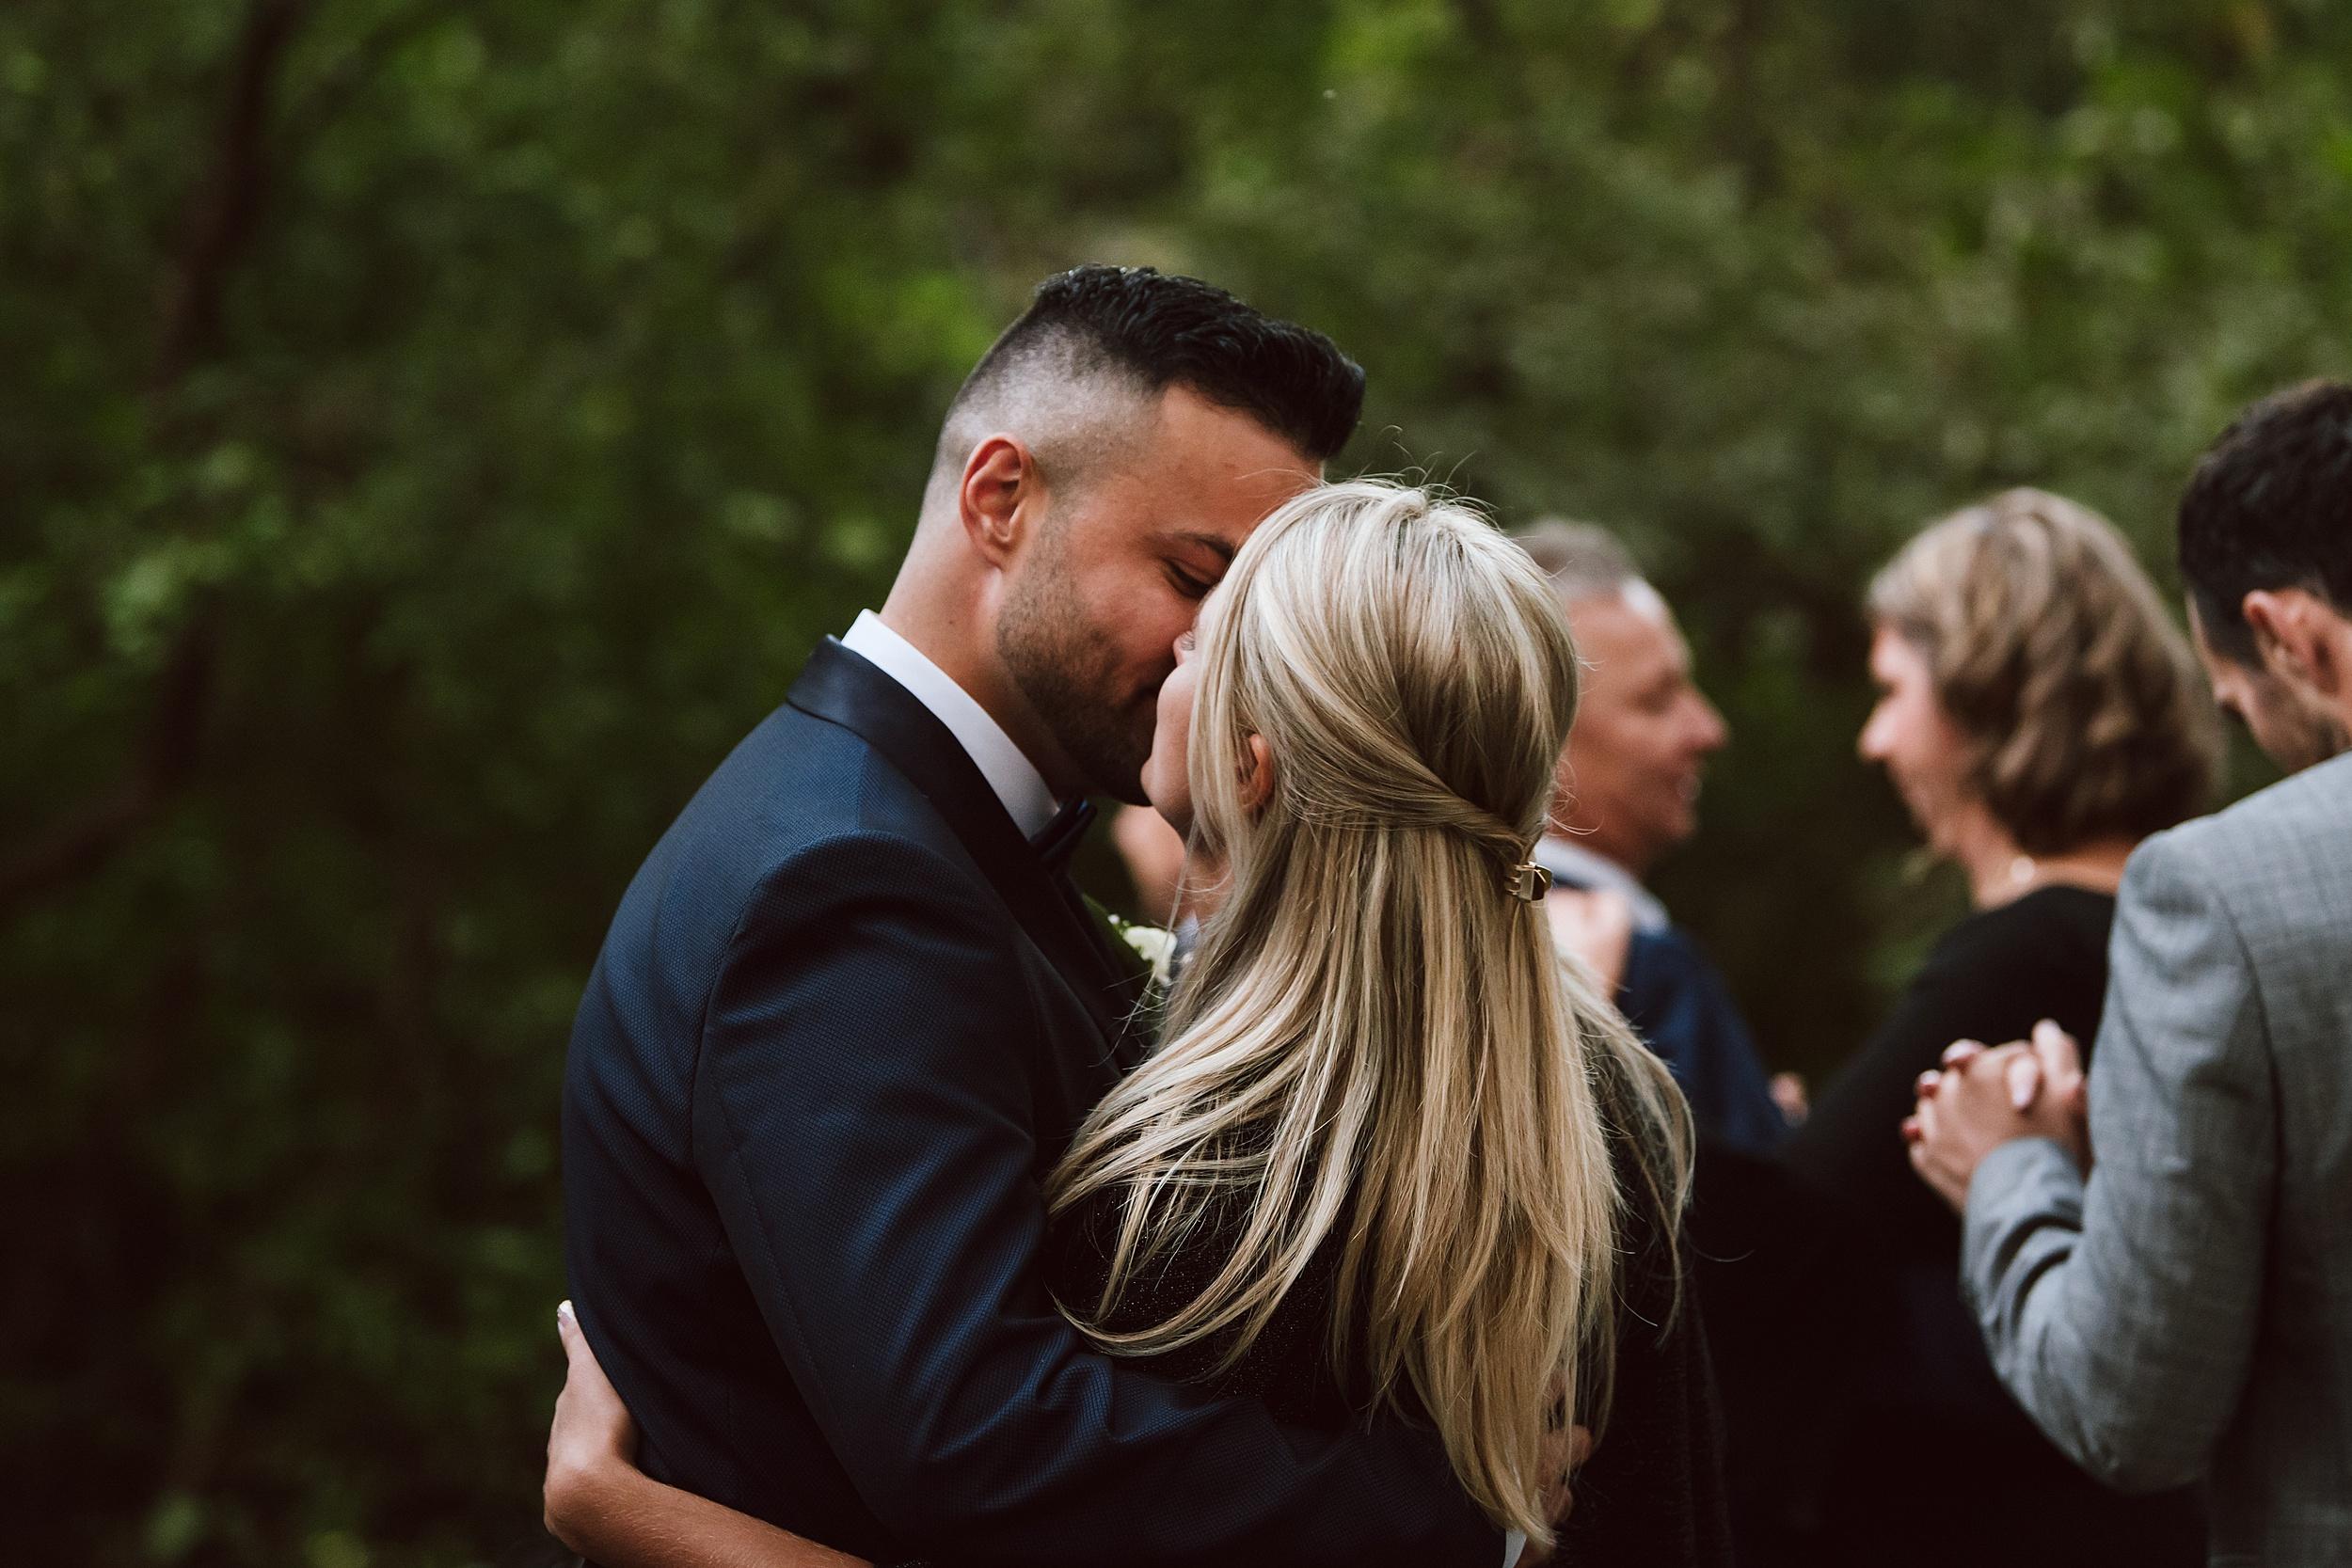 Rustic_Backyard_Wedding_Toronto_Photographer137.jpg